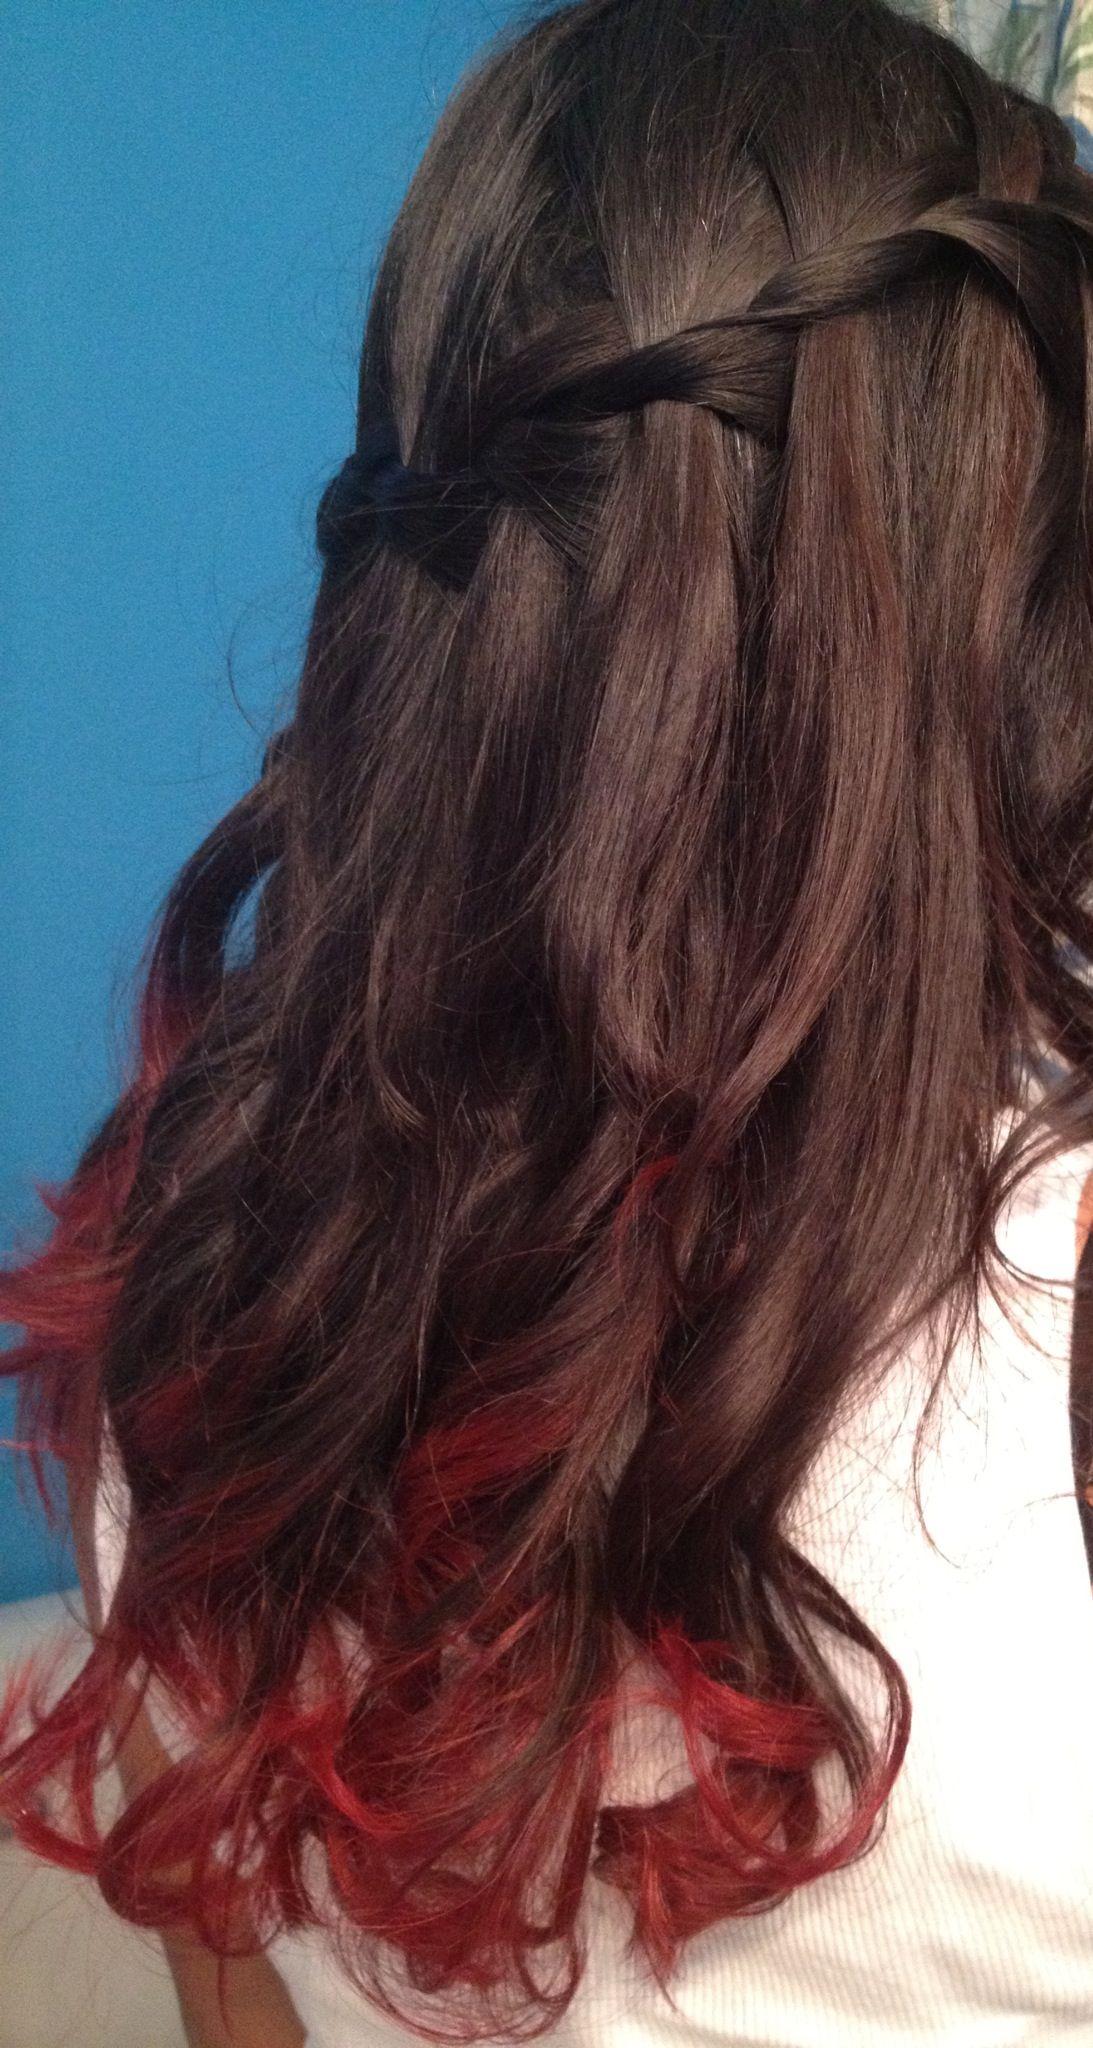 Red Dip Dye And Waterfall Braid Hair In 2019 Dip Dye